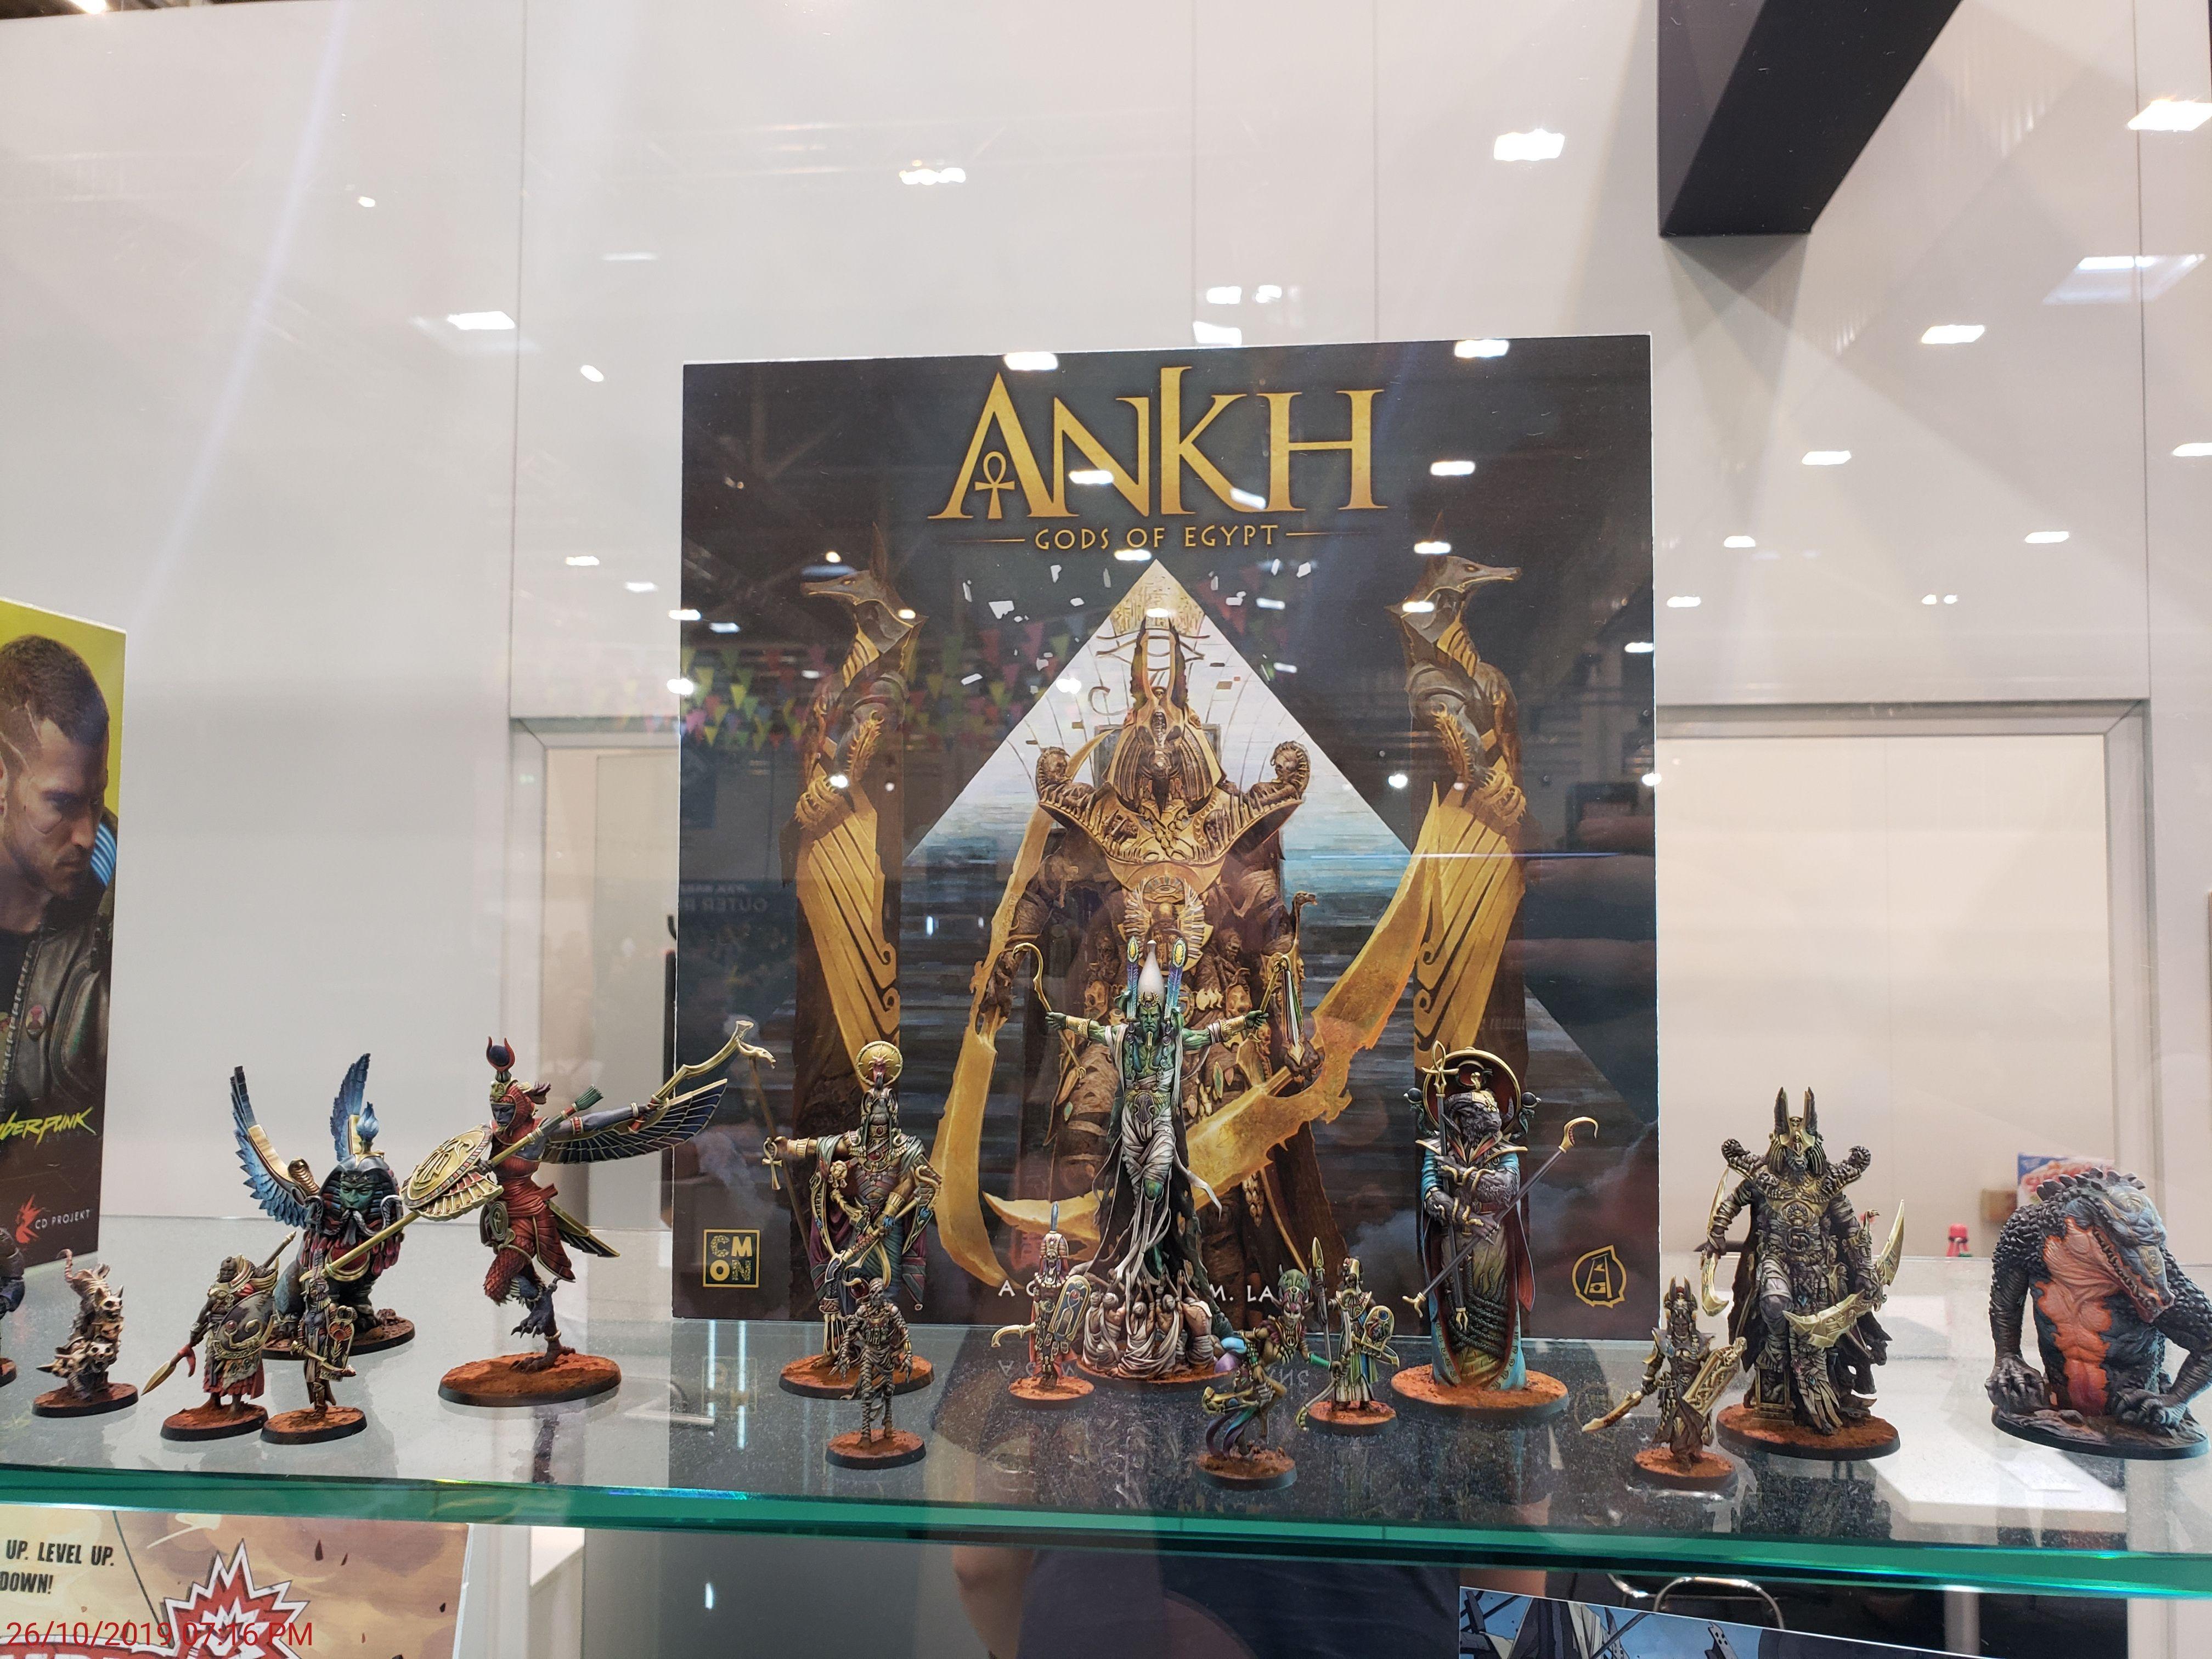 Ankh Dioses de Egipto - Caja y figuras